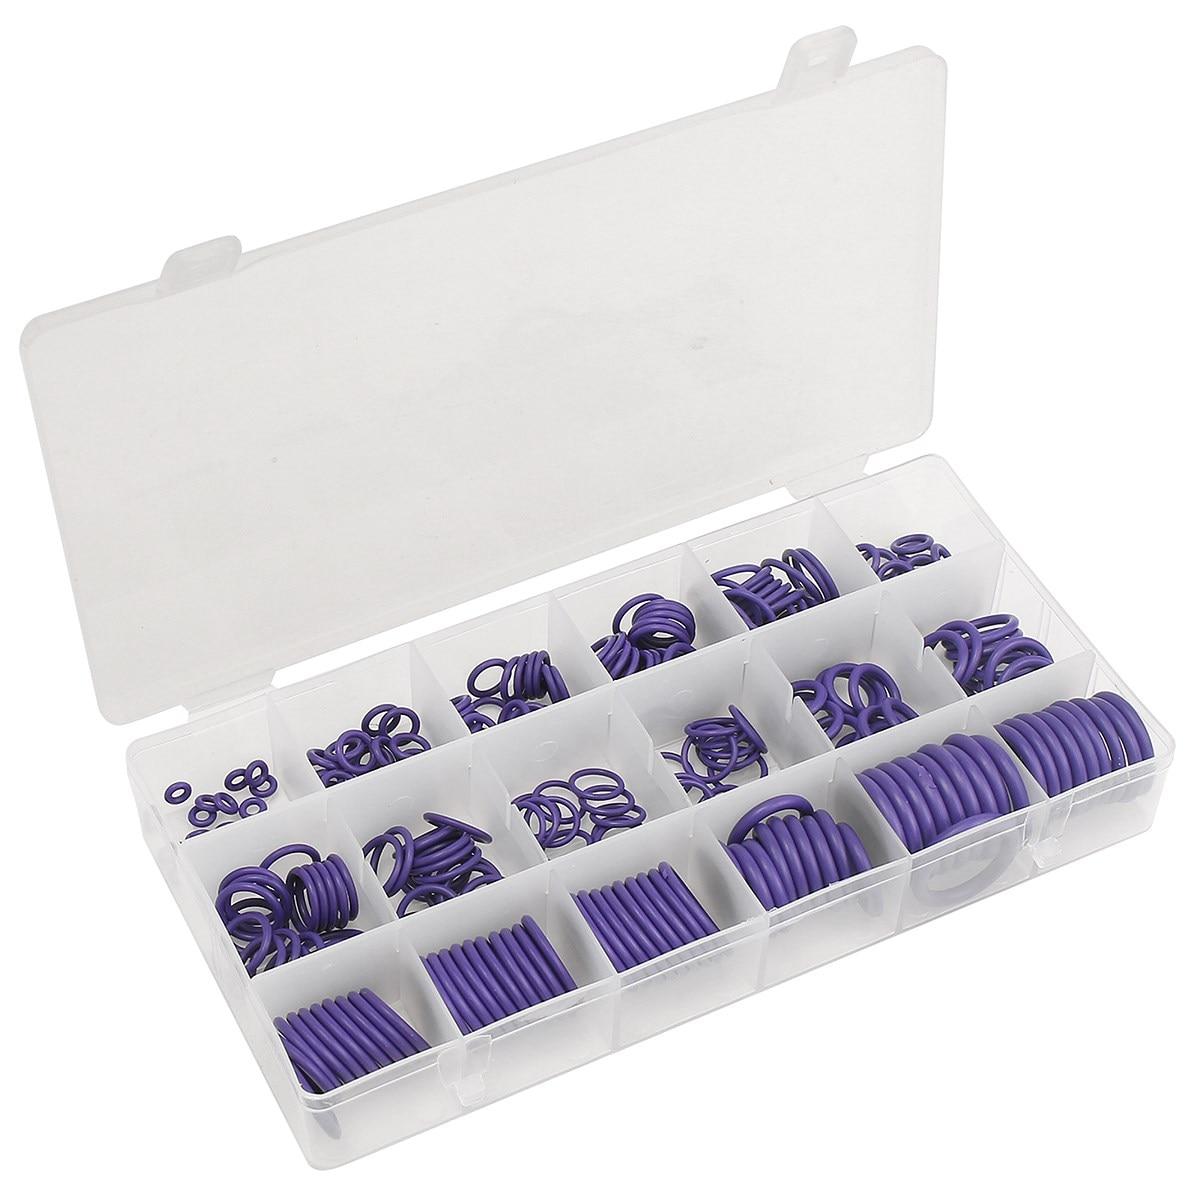 R22 R134a225Pcs O Ring <font><b>Gaskets</b></font> Car A/C <font><b>System</b></font> <font><b>Air</b></font> <font><b>Conditioning</b></font> O Ring <font><b>Seals</b></font> Washer <font><b>Kit</b></font> Tool HNBR Rubber Purple Standard Parts